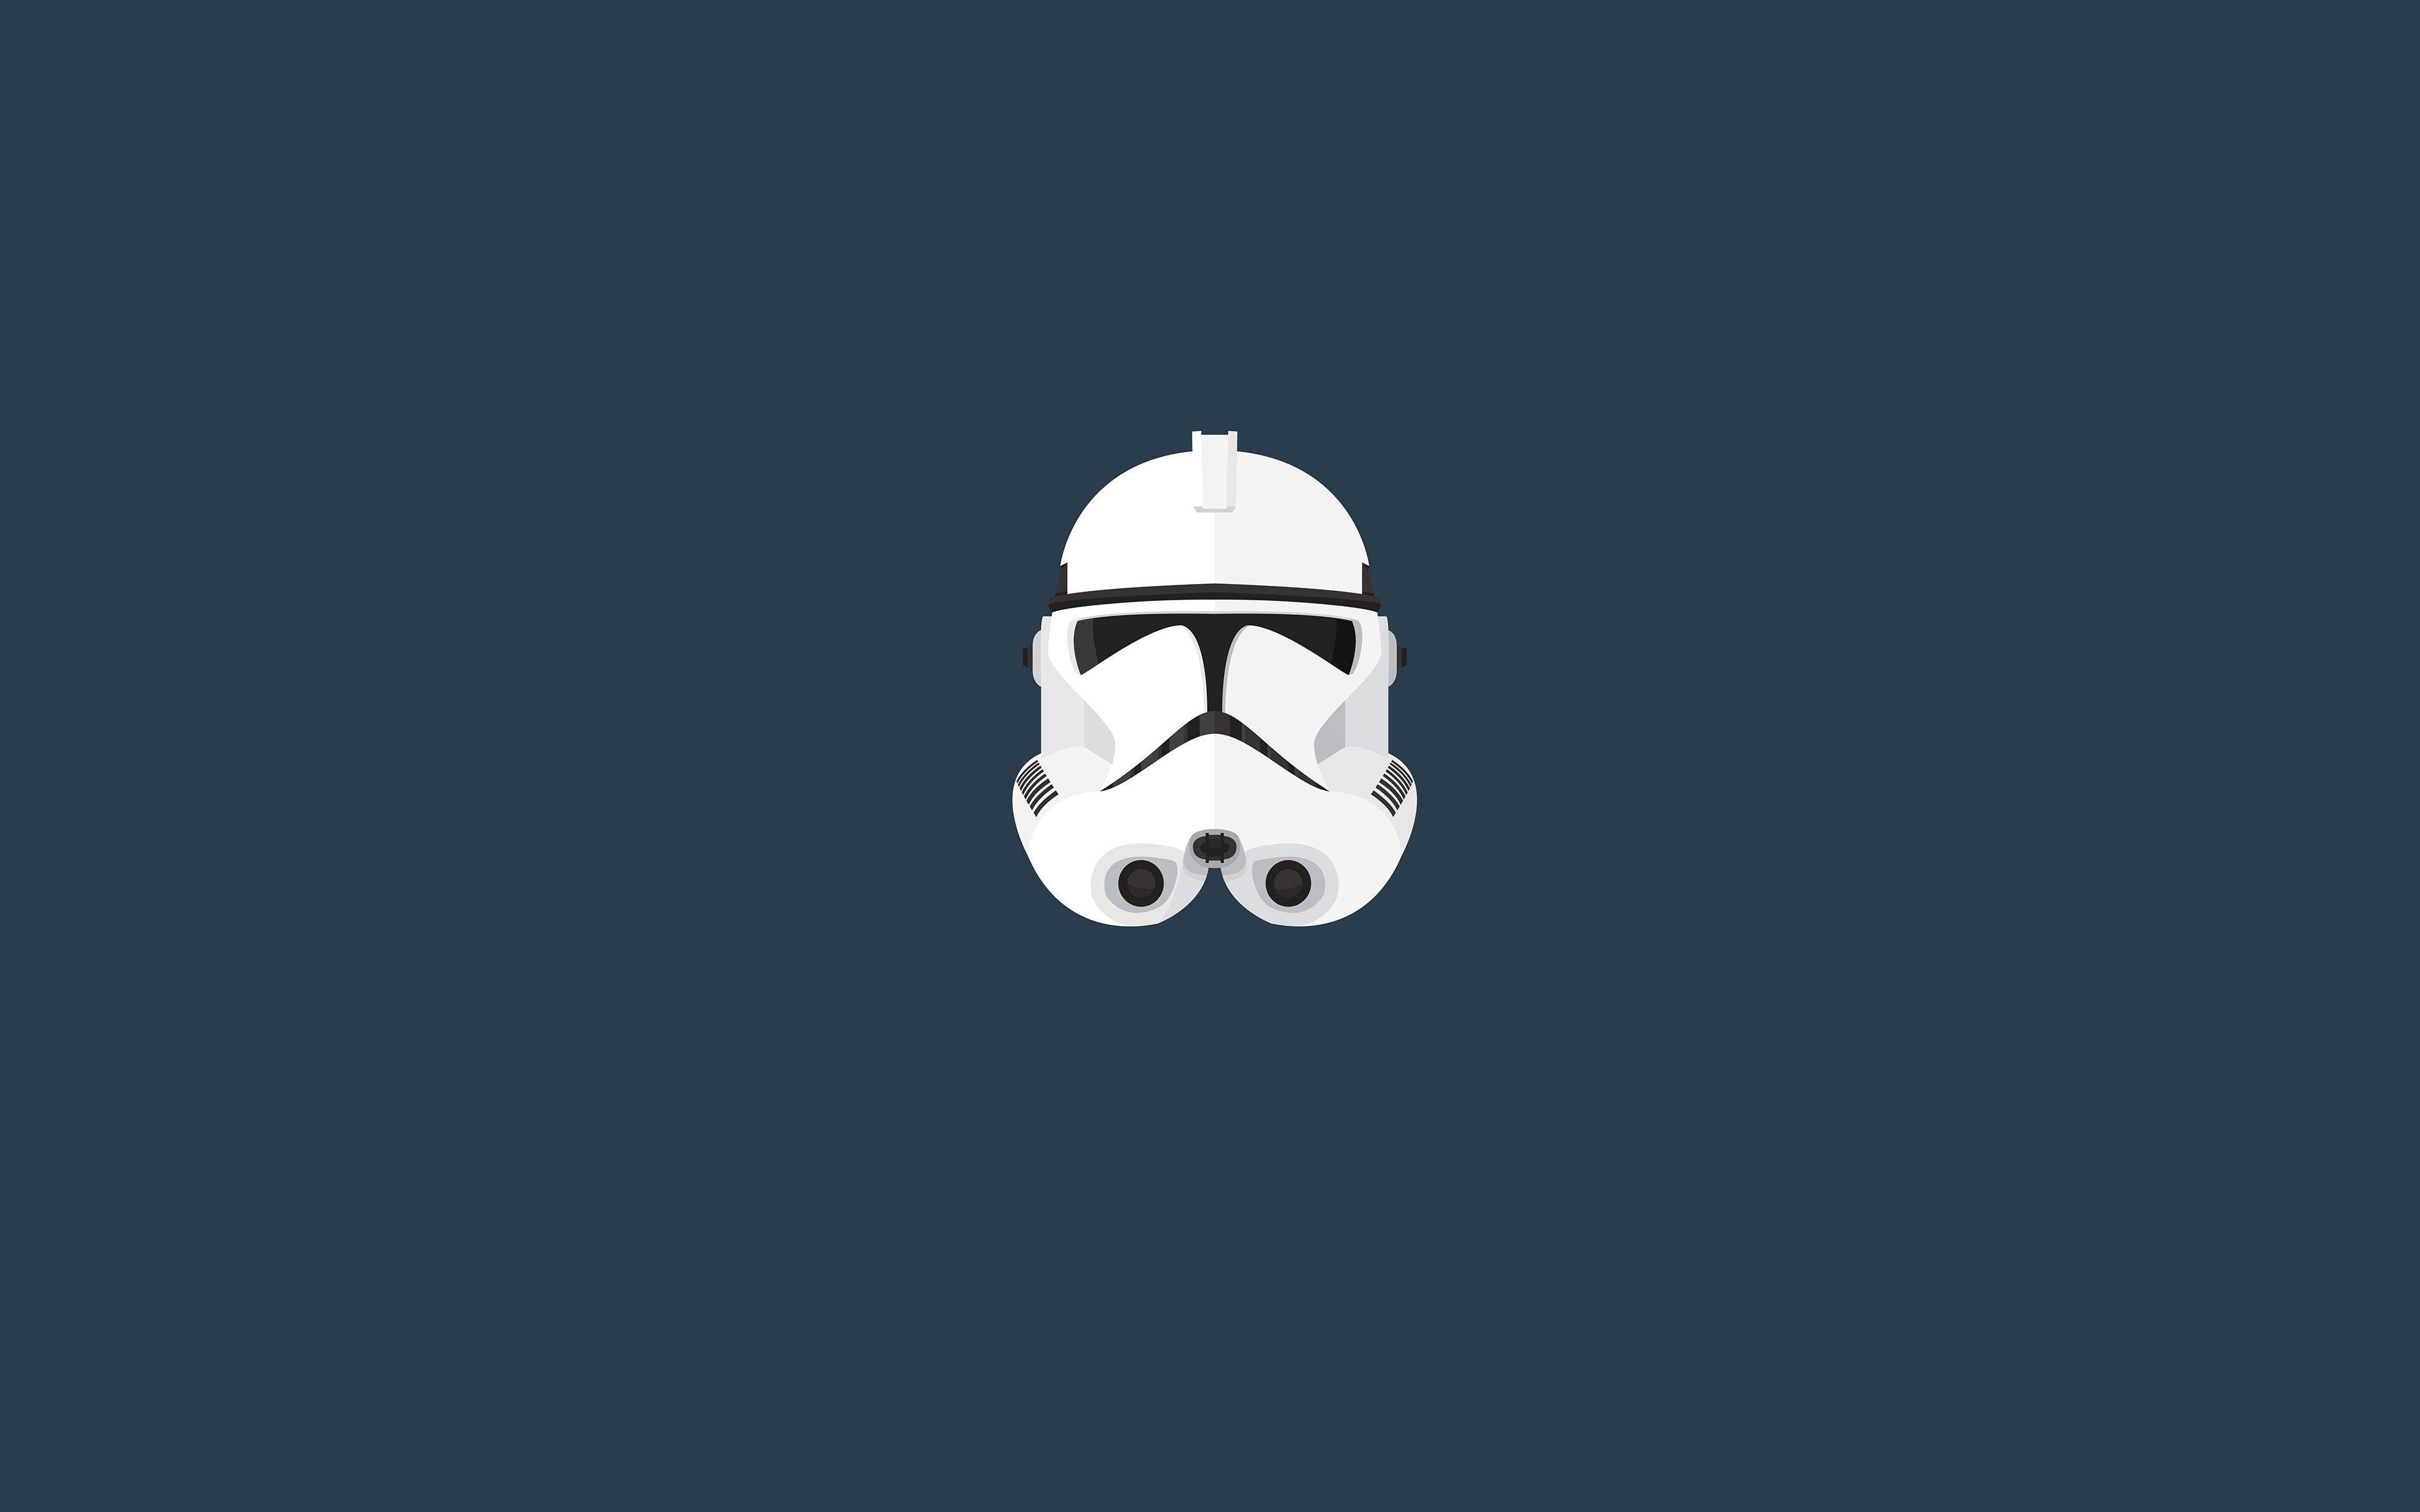 Star Wars Minimalist Wallpapers Top Free Star Wars Minimalist Backgrounds Wallpaperaccess